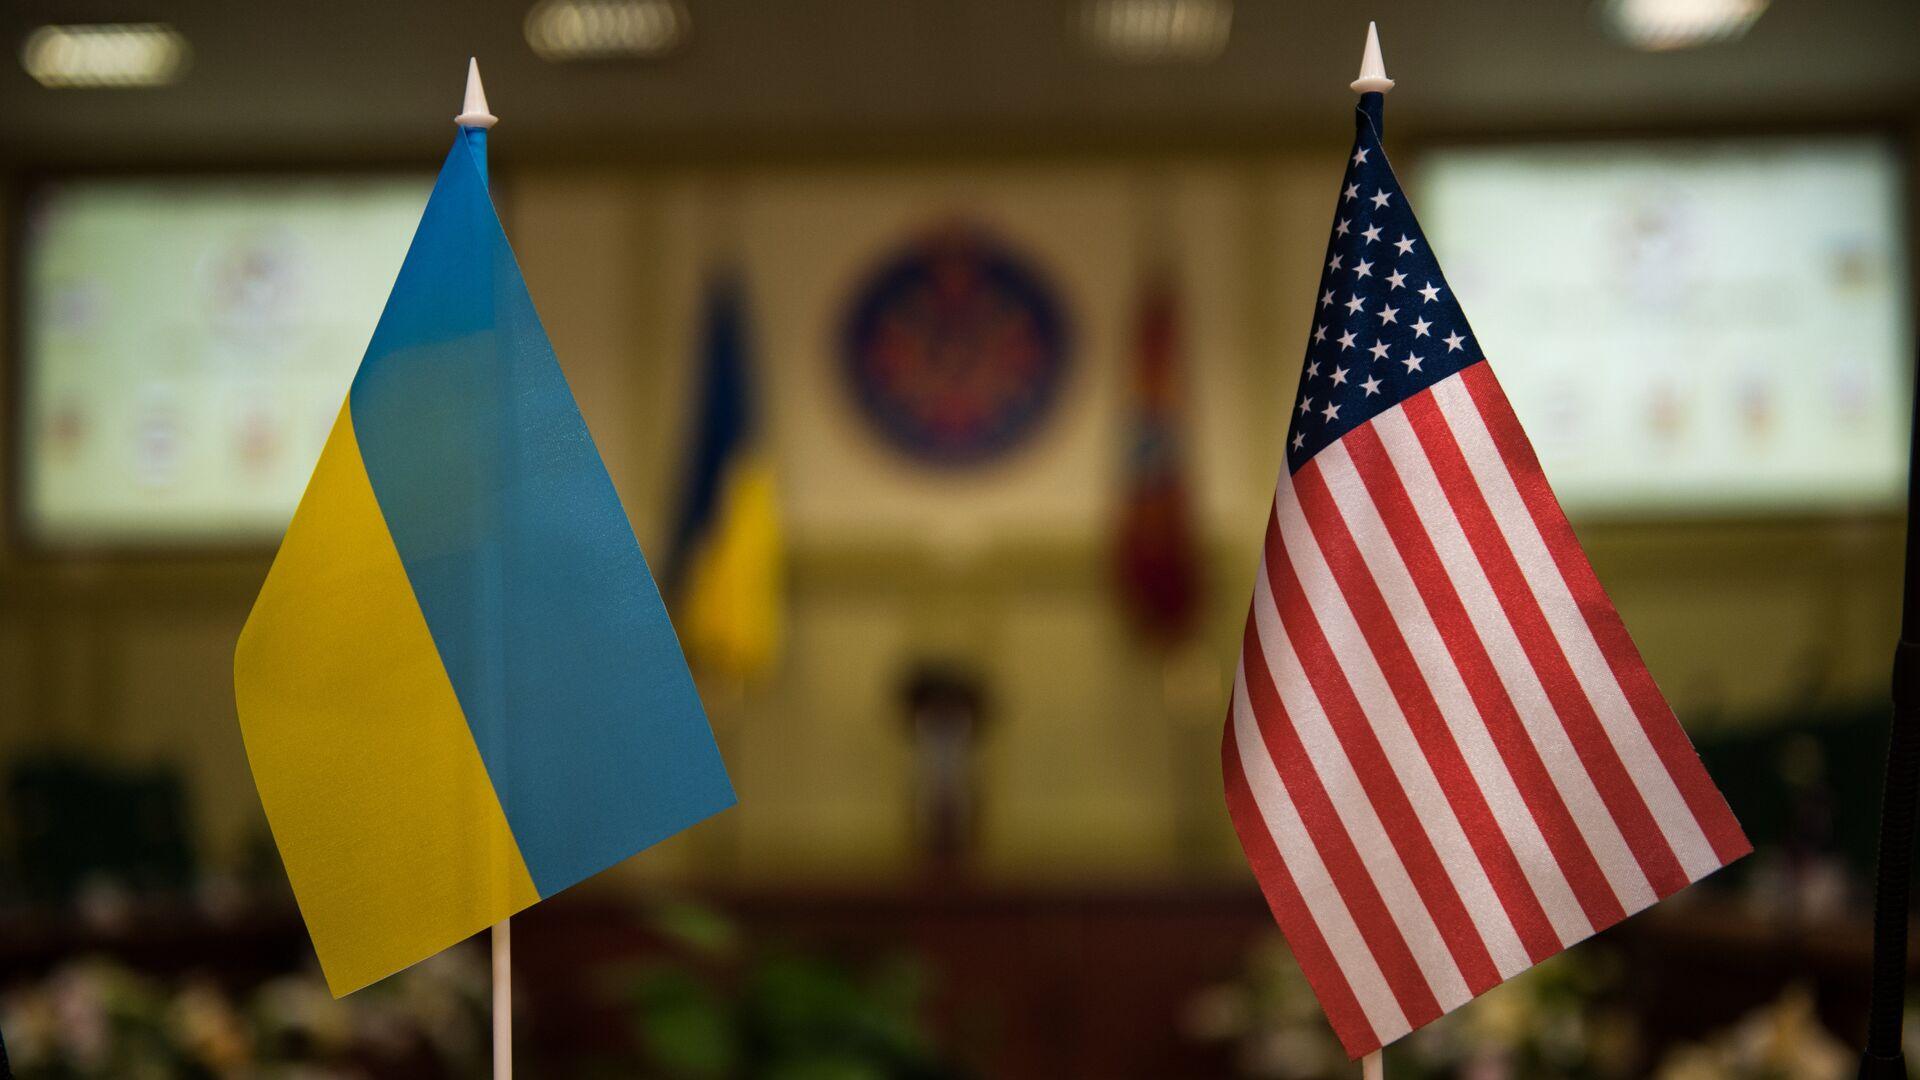 Banderas Ucrania y EEUU - Sputnik Mundo, 1920, 02.04.2021